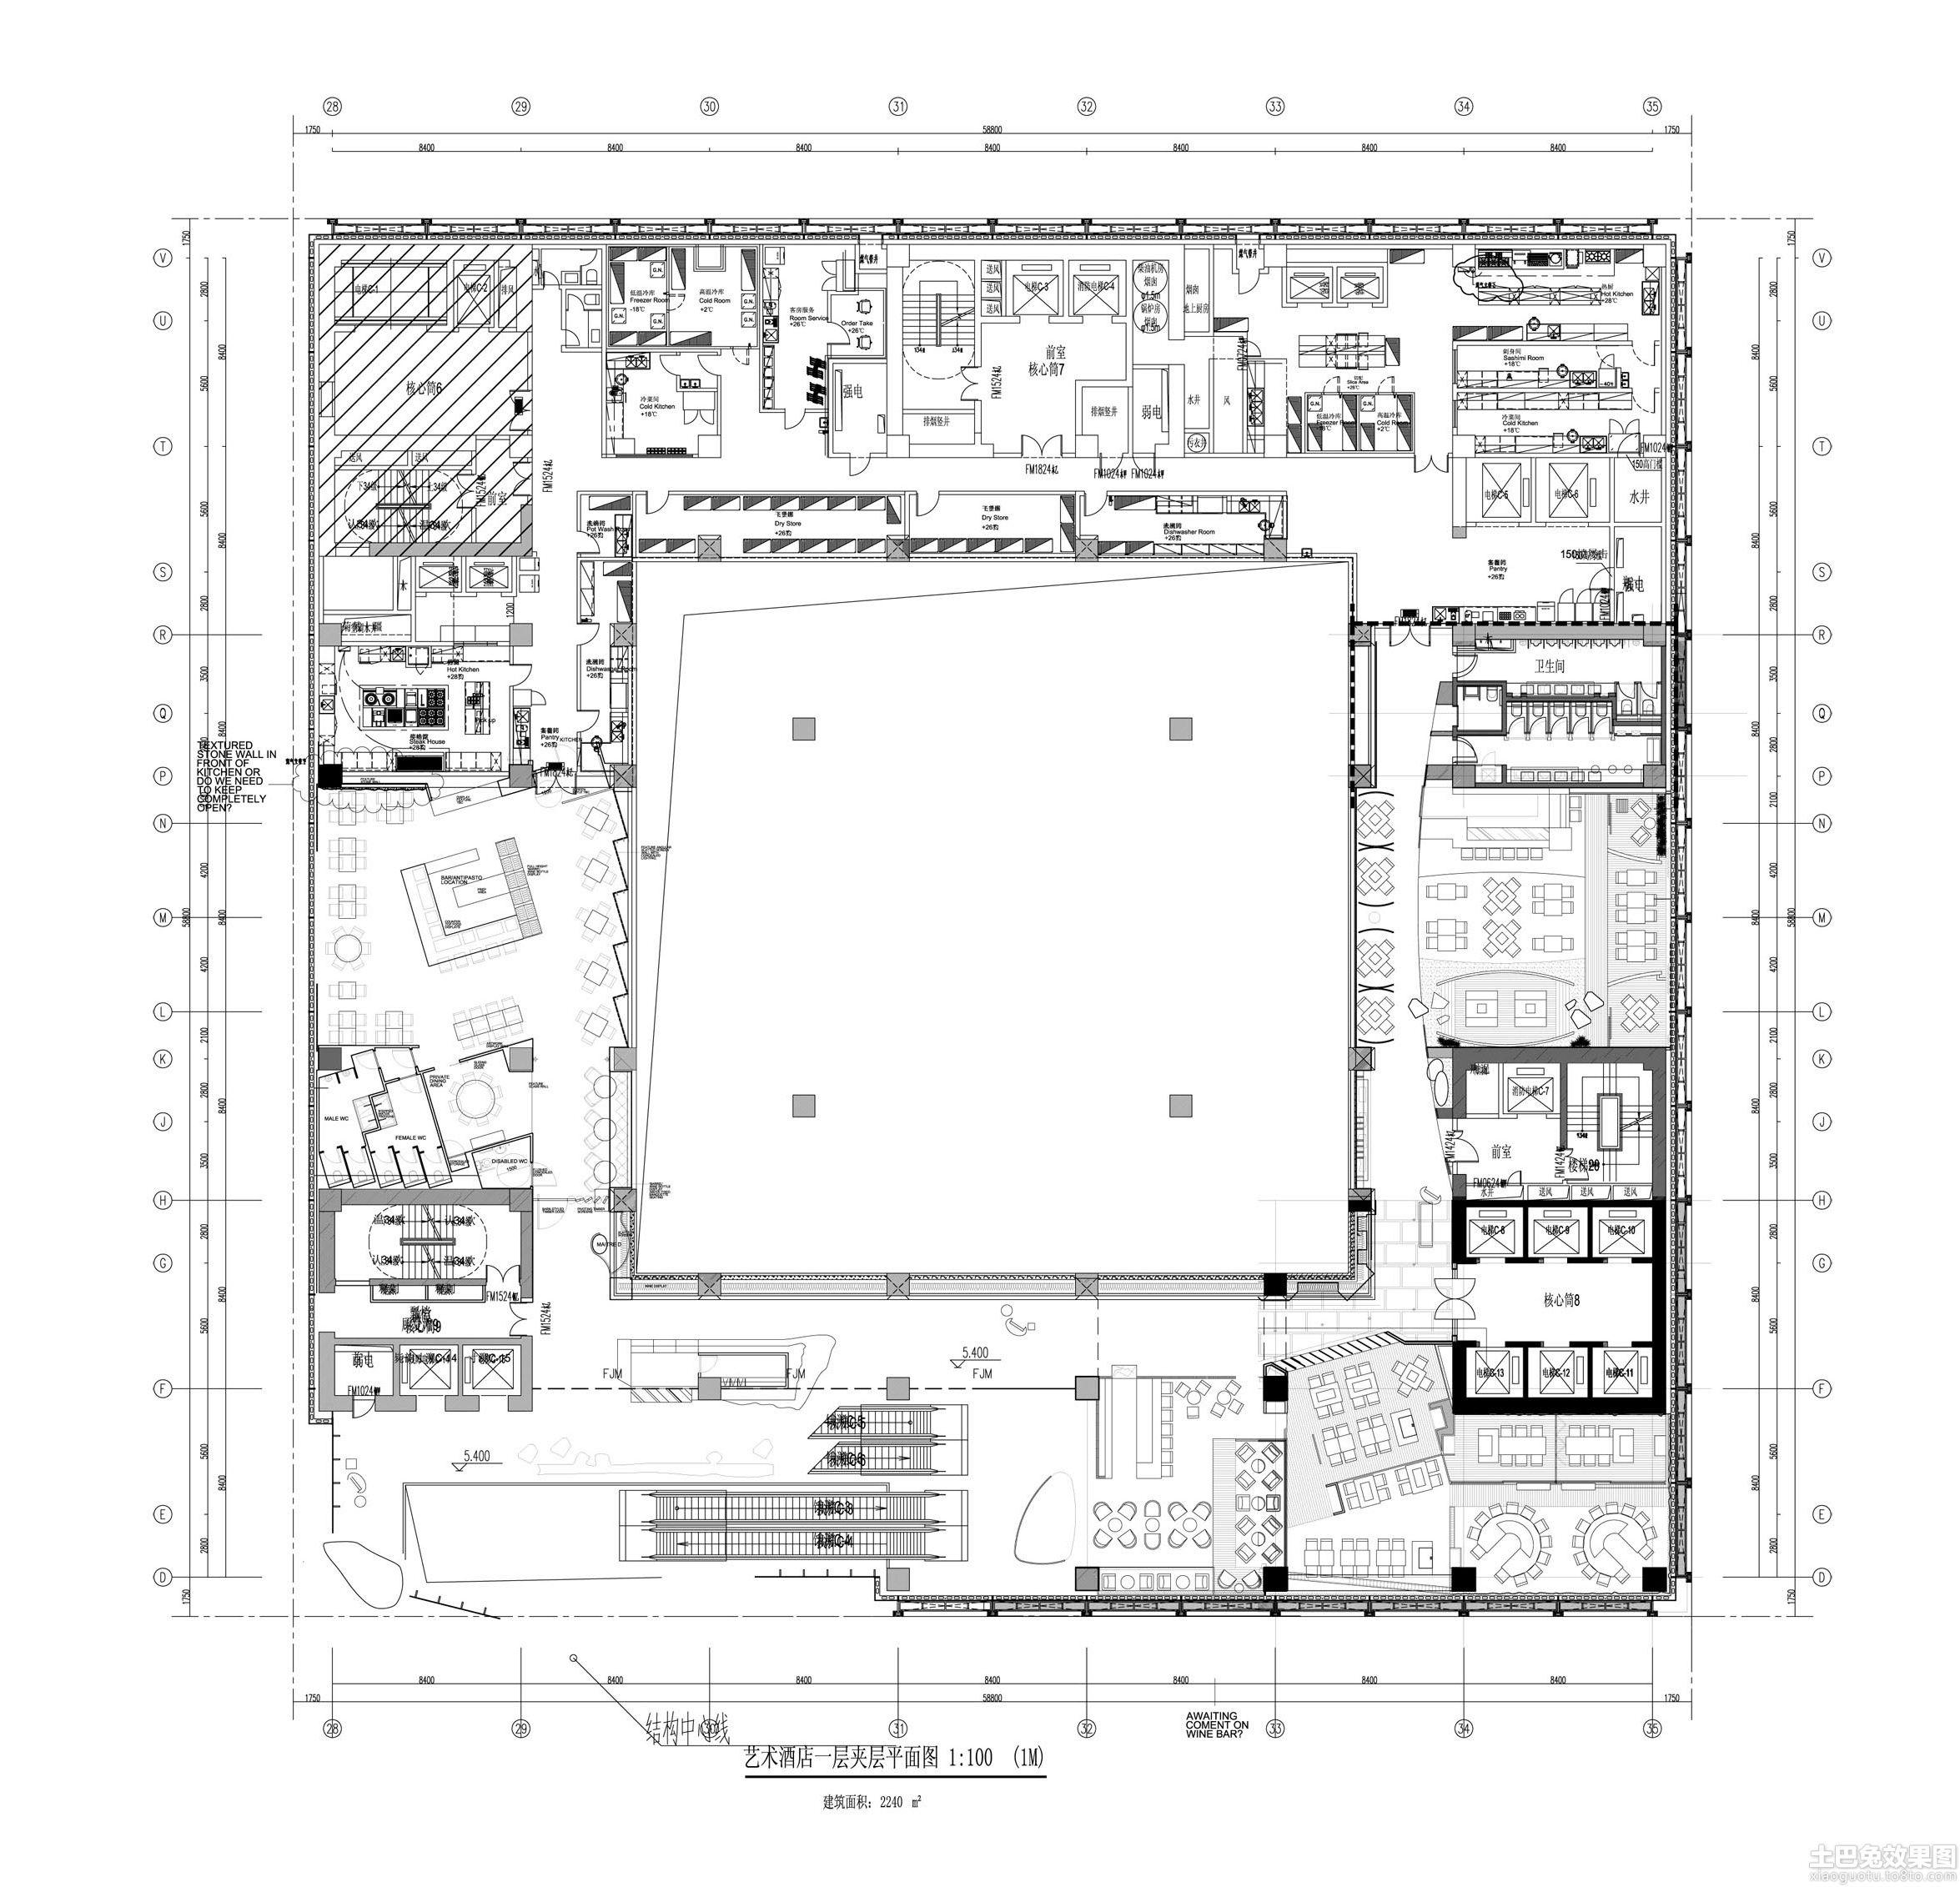 旅馆建筑设计平面图_建筑小品平面素材_素材分享